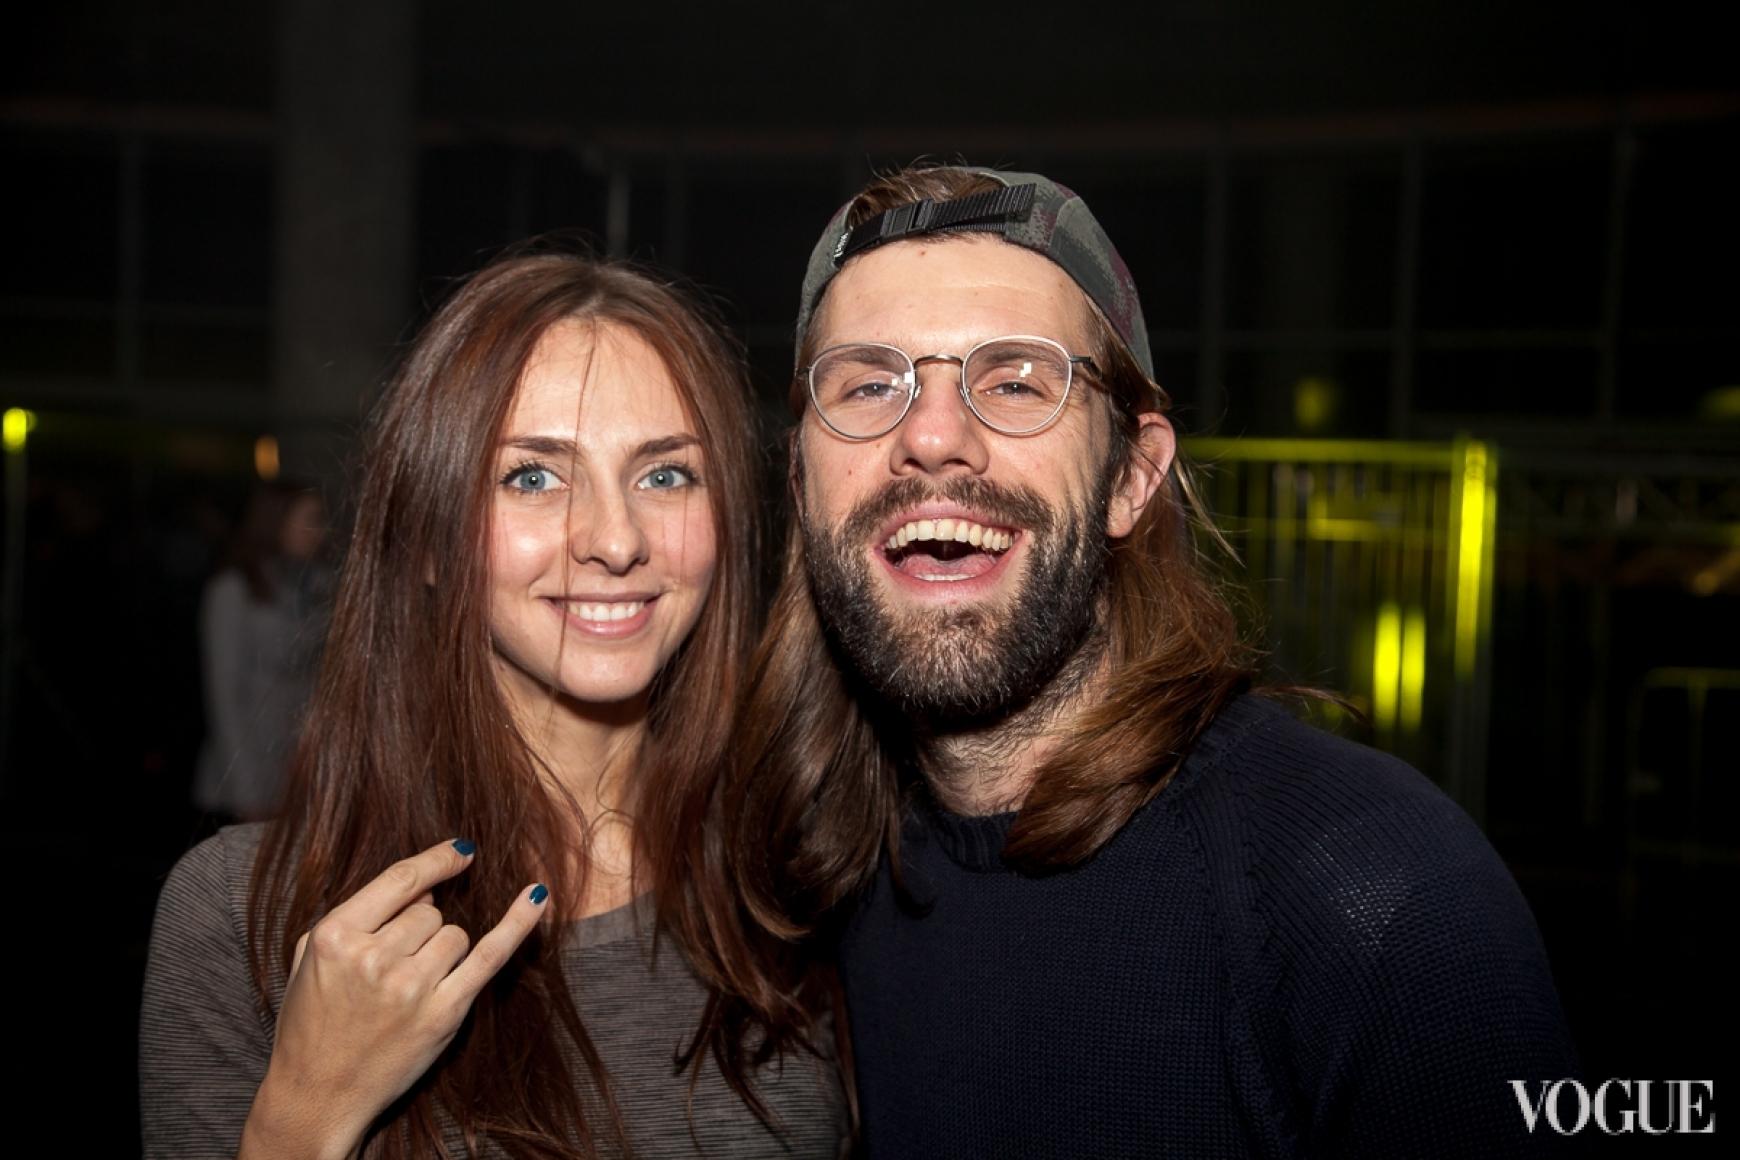 Вика Пинхасова и Саша Каневский